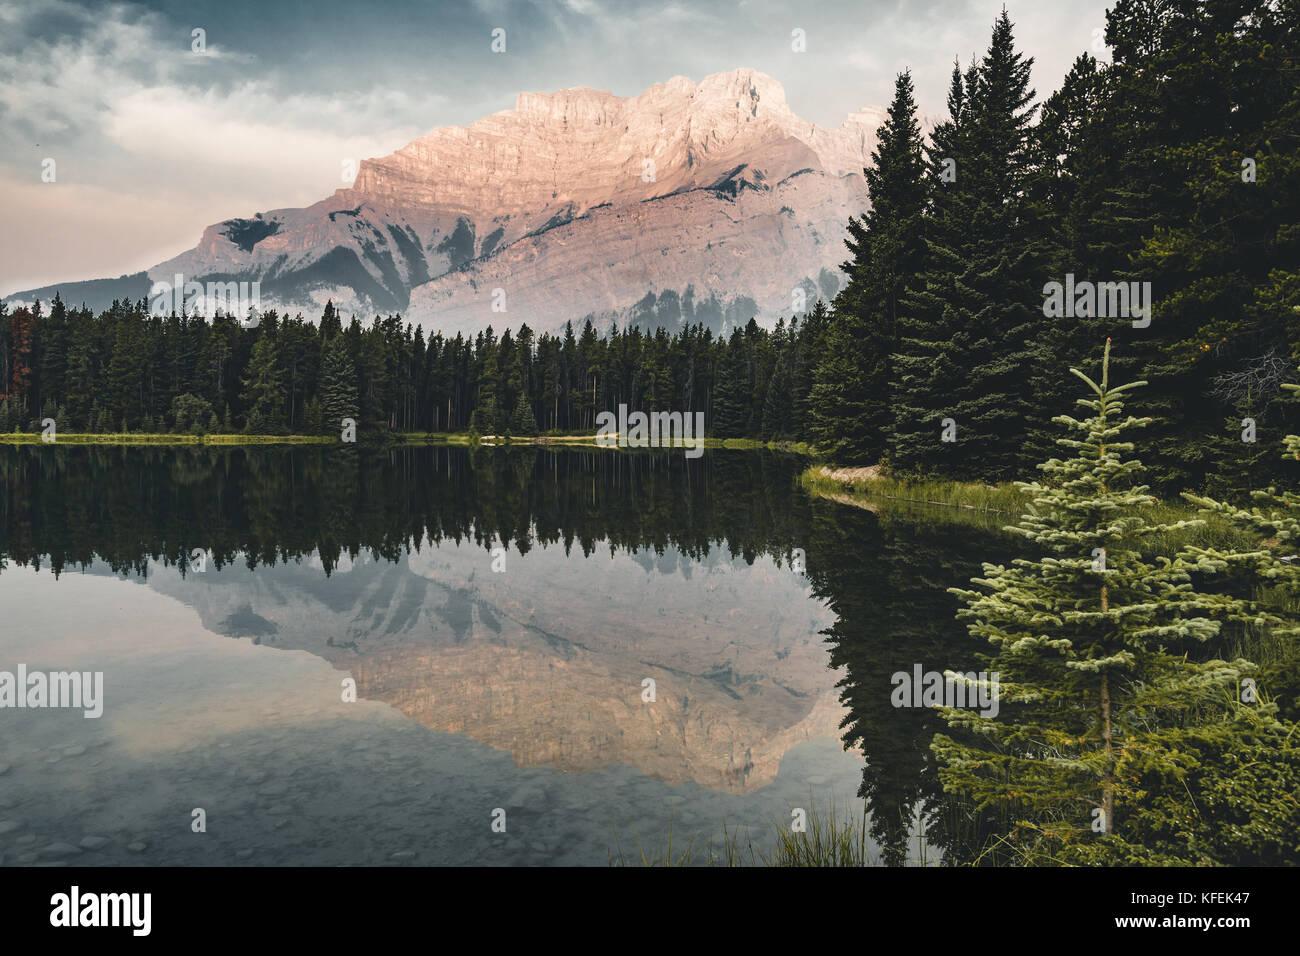 Zwei jack See mit Berg Reflexionen entlang der zwei Jack See Stockbild